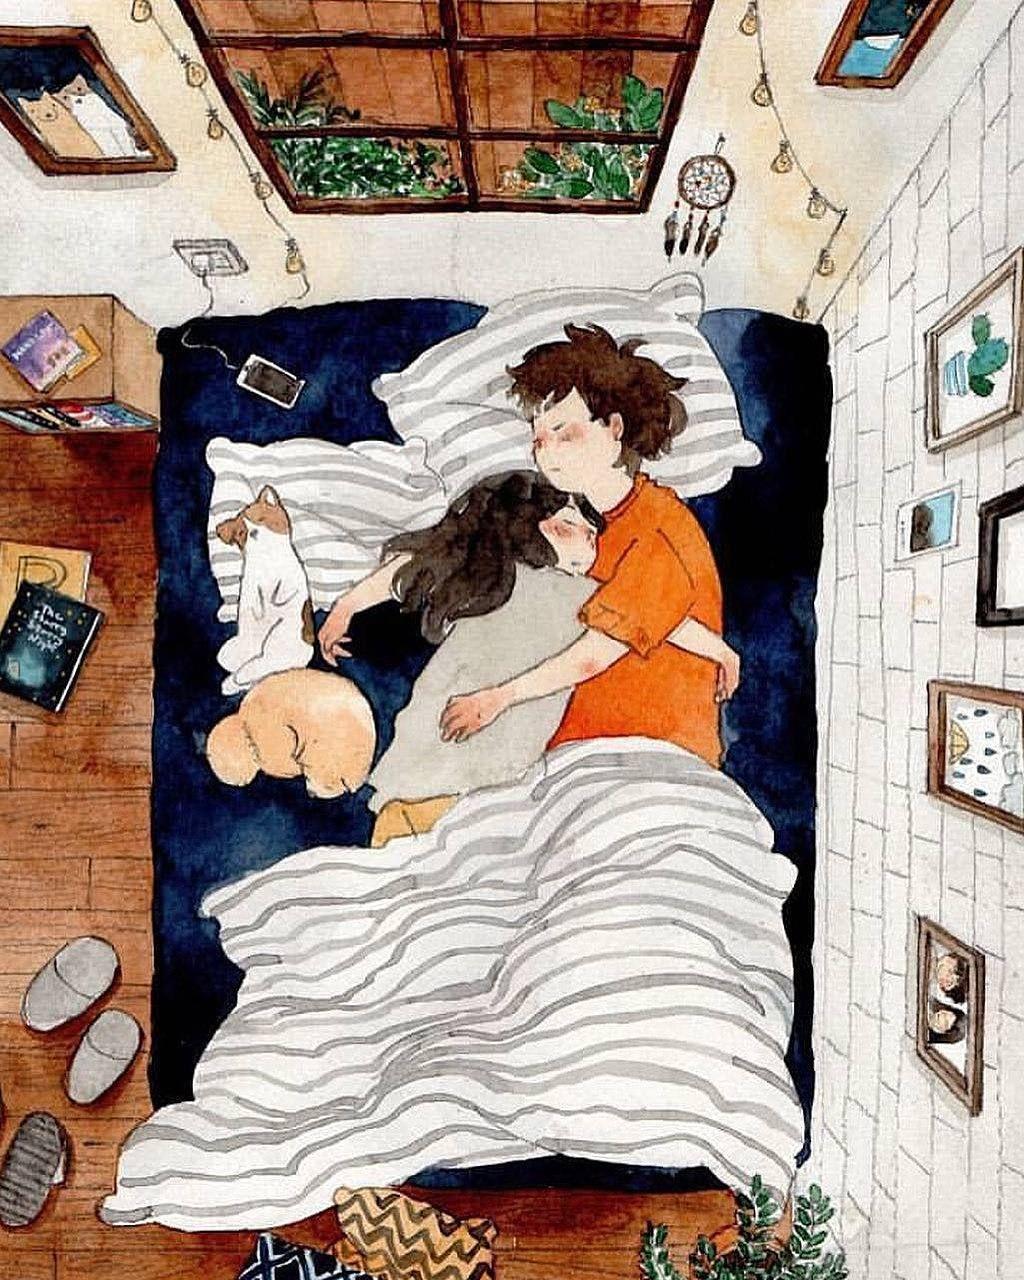 ảnh hoạt hình ôm nhau ngủ